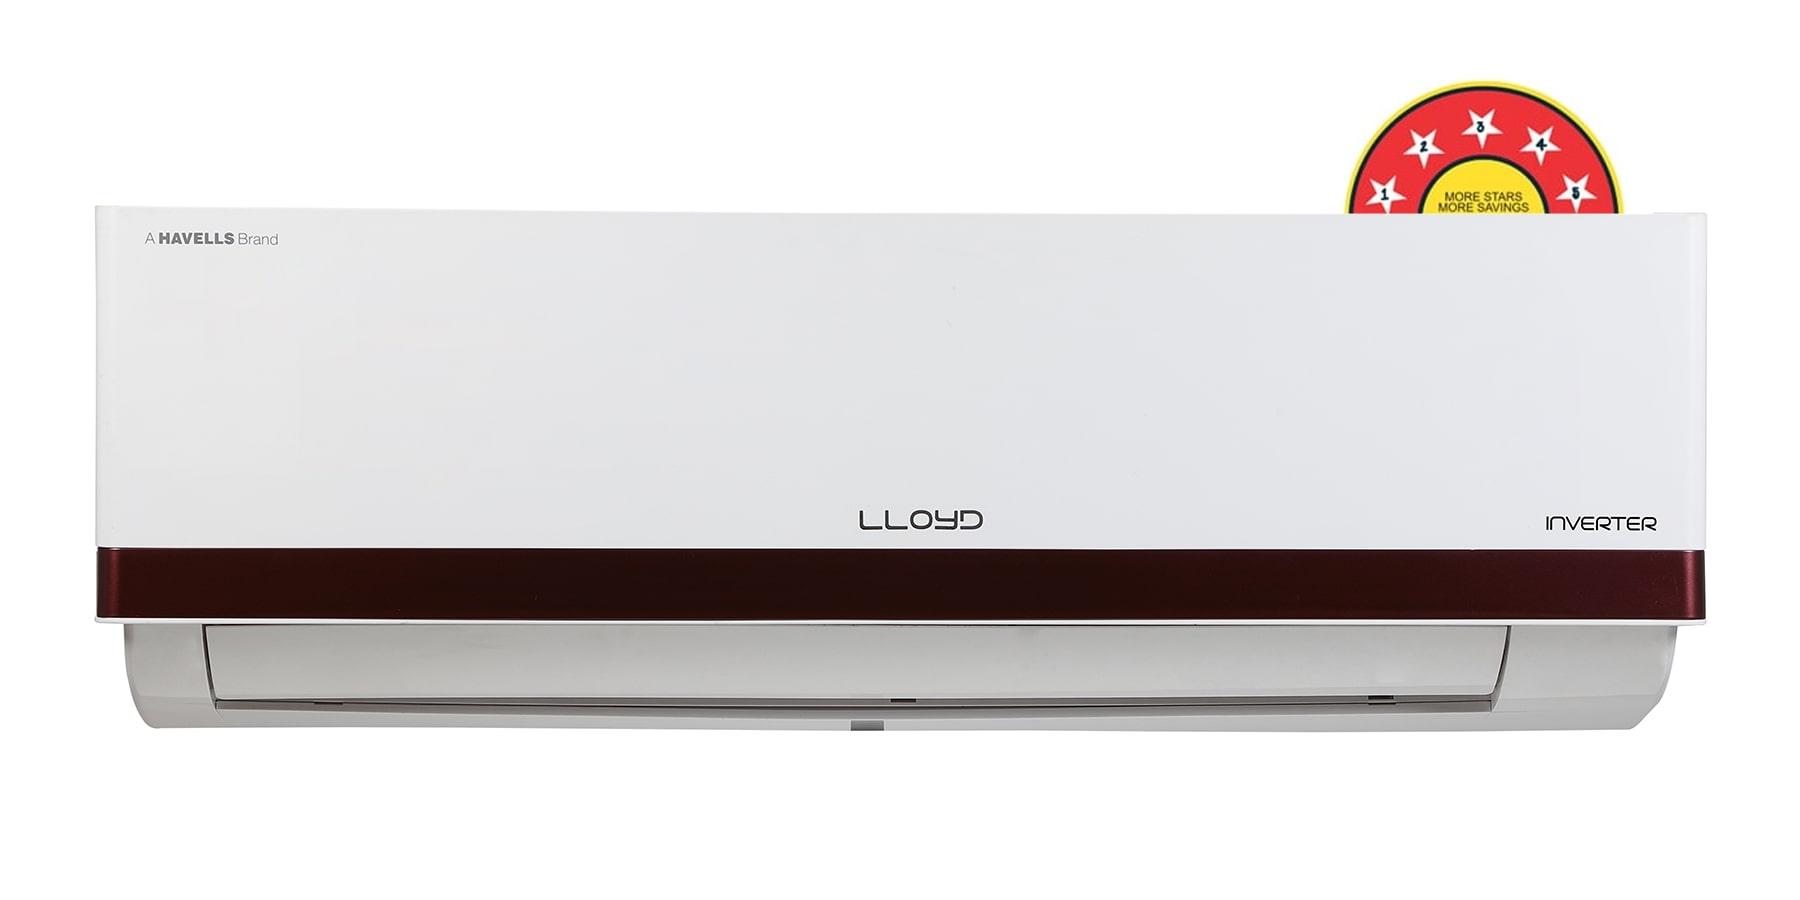 GLS12I56WGBP